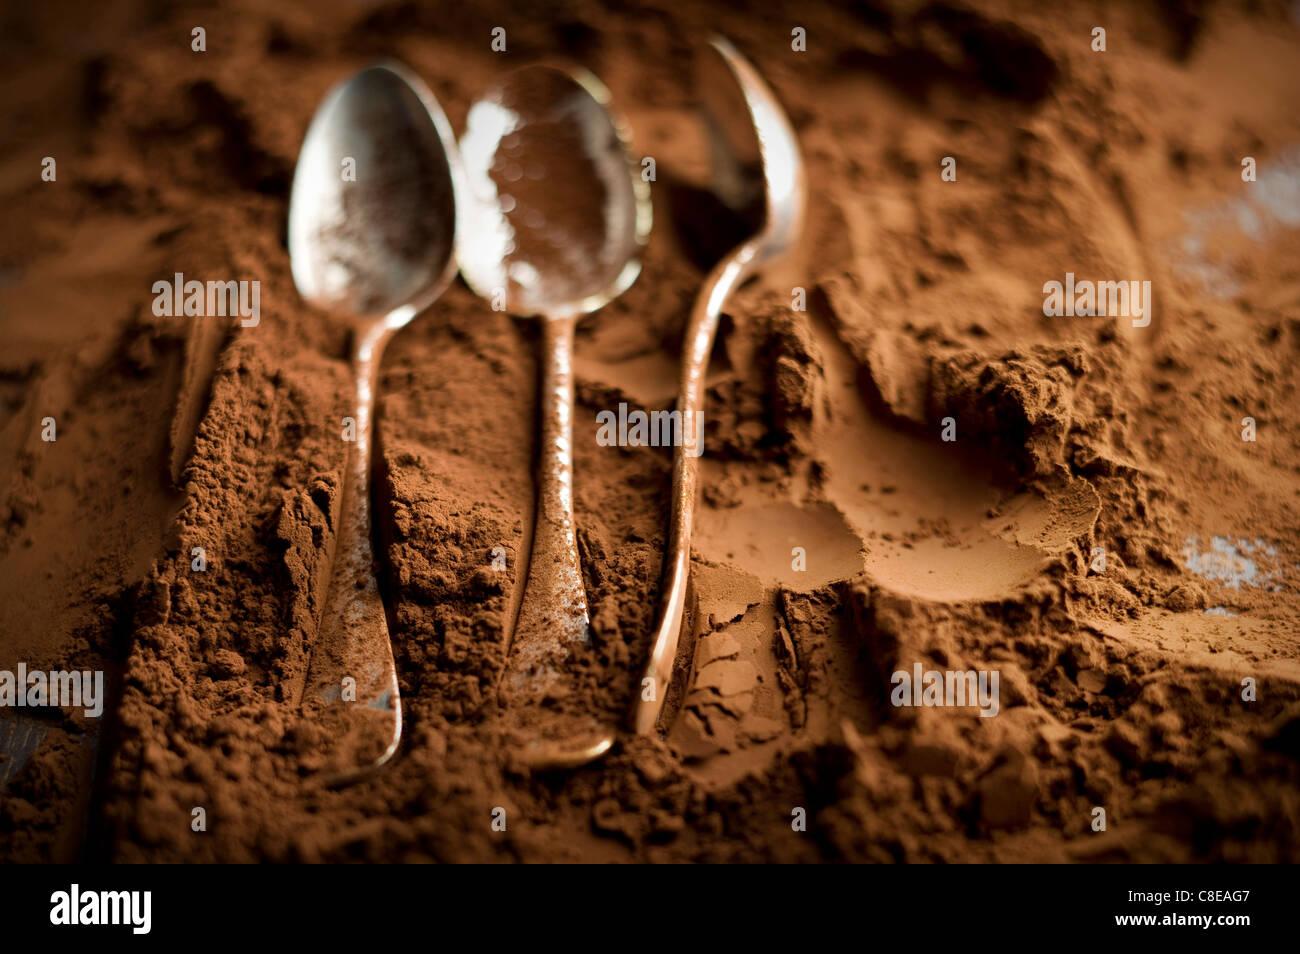 Cucchiai e cioccolato in polvere Immagini Stock